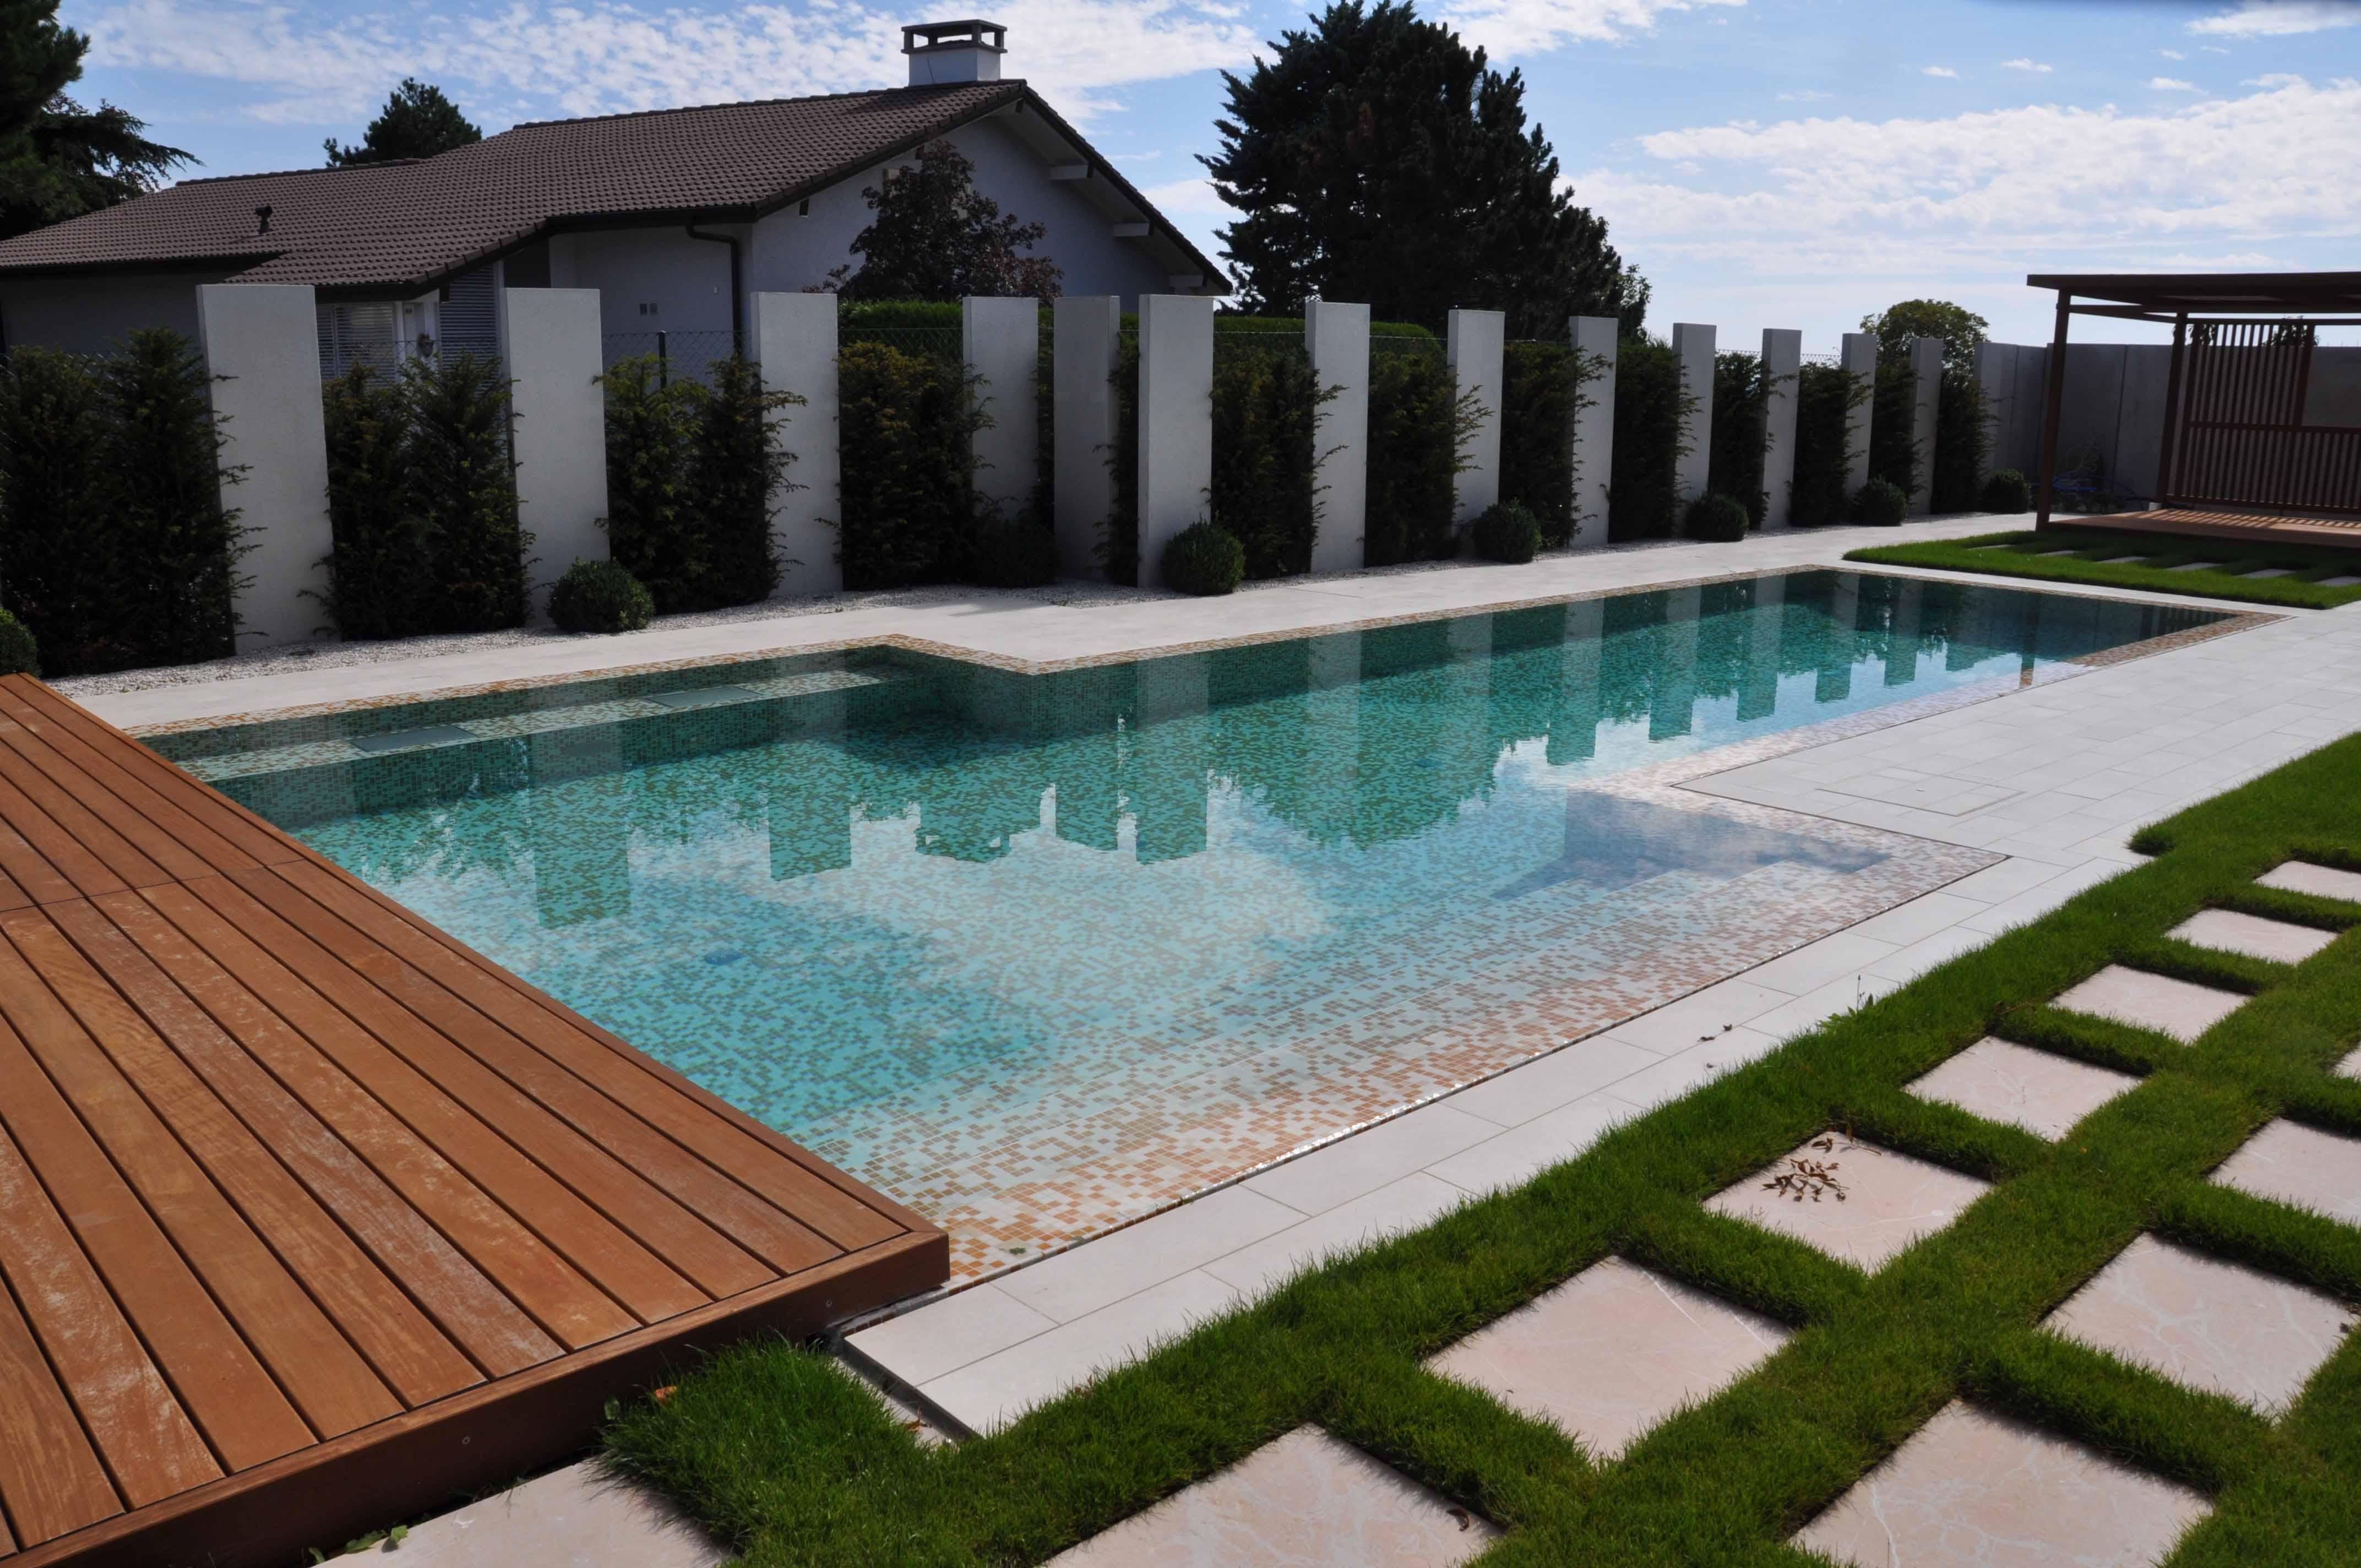 Piscine coque miroir 60146 miroir id es for Cash piscine 8 mai